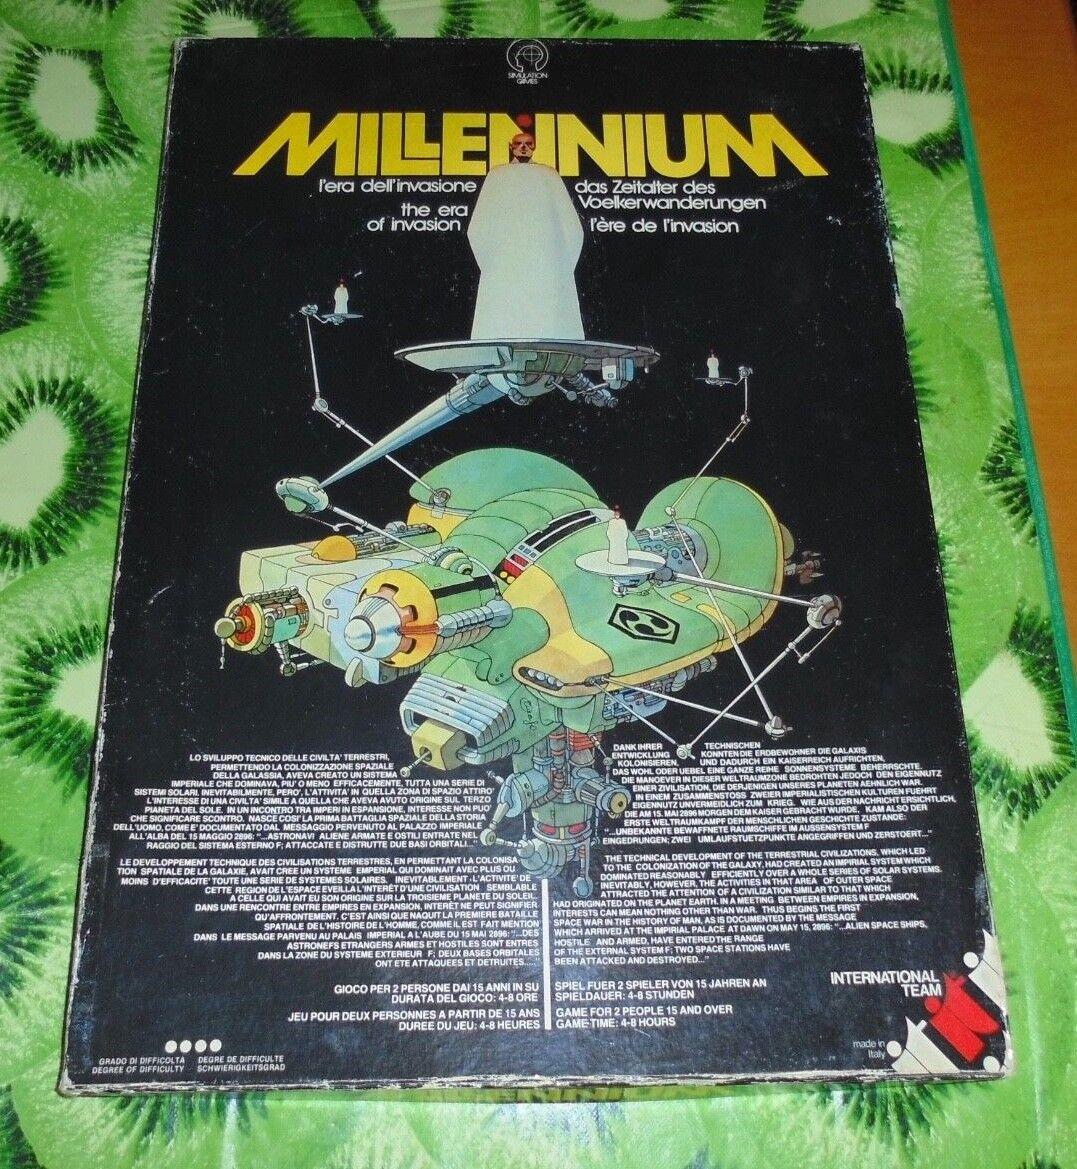 Millennium simulation Juegos International Juegos gioco tavolo simulazione vintage